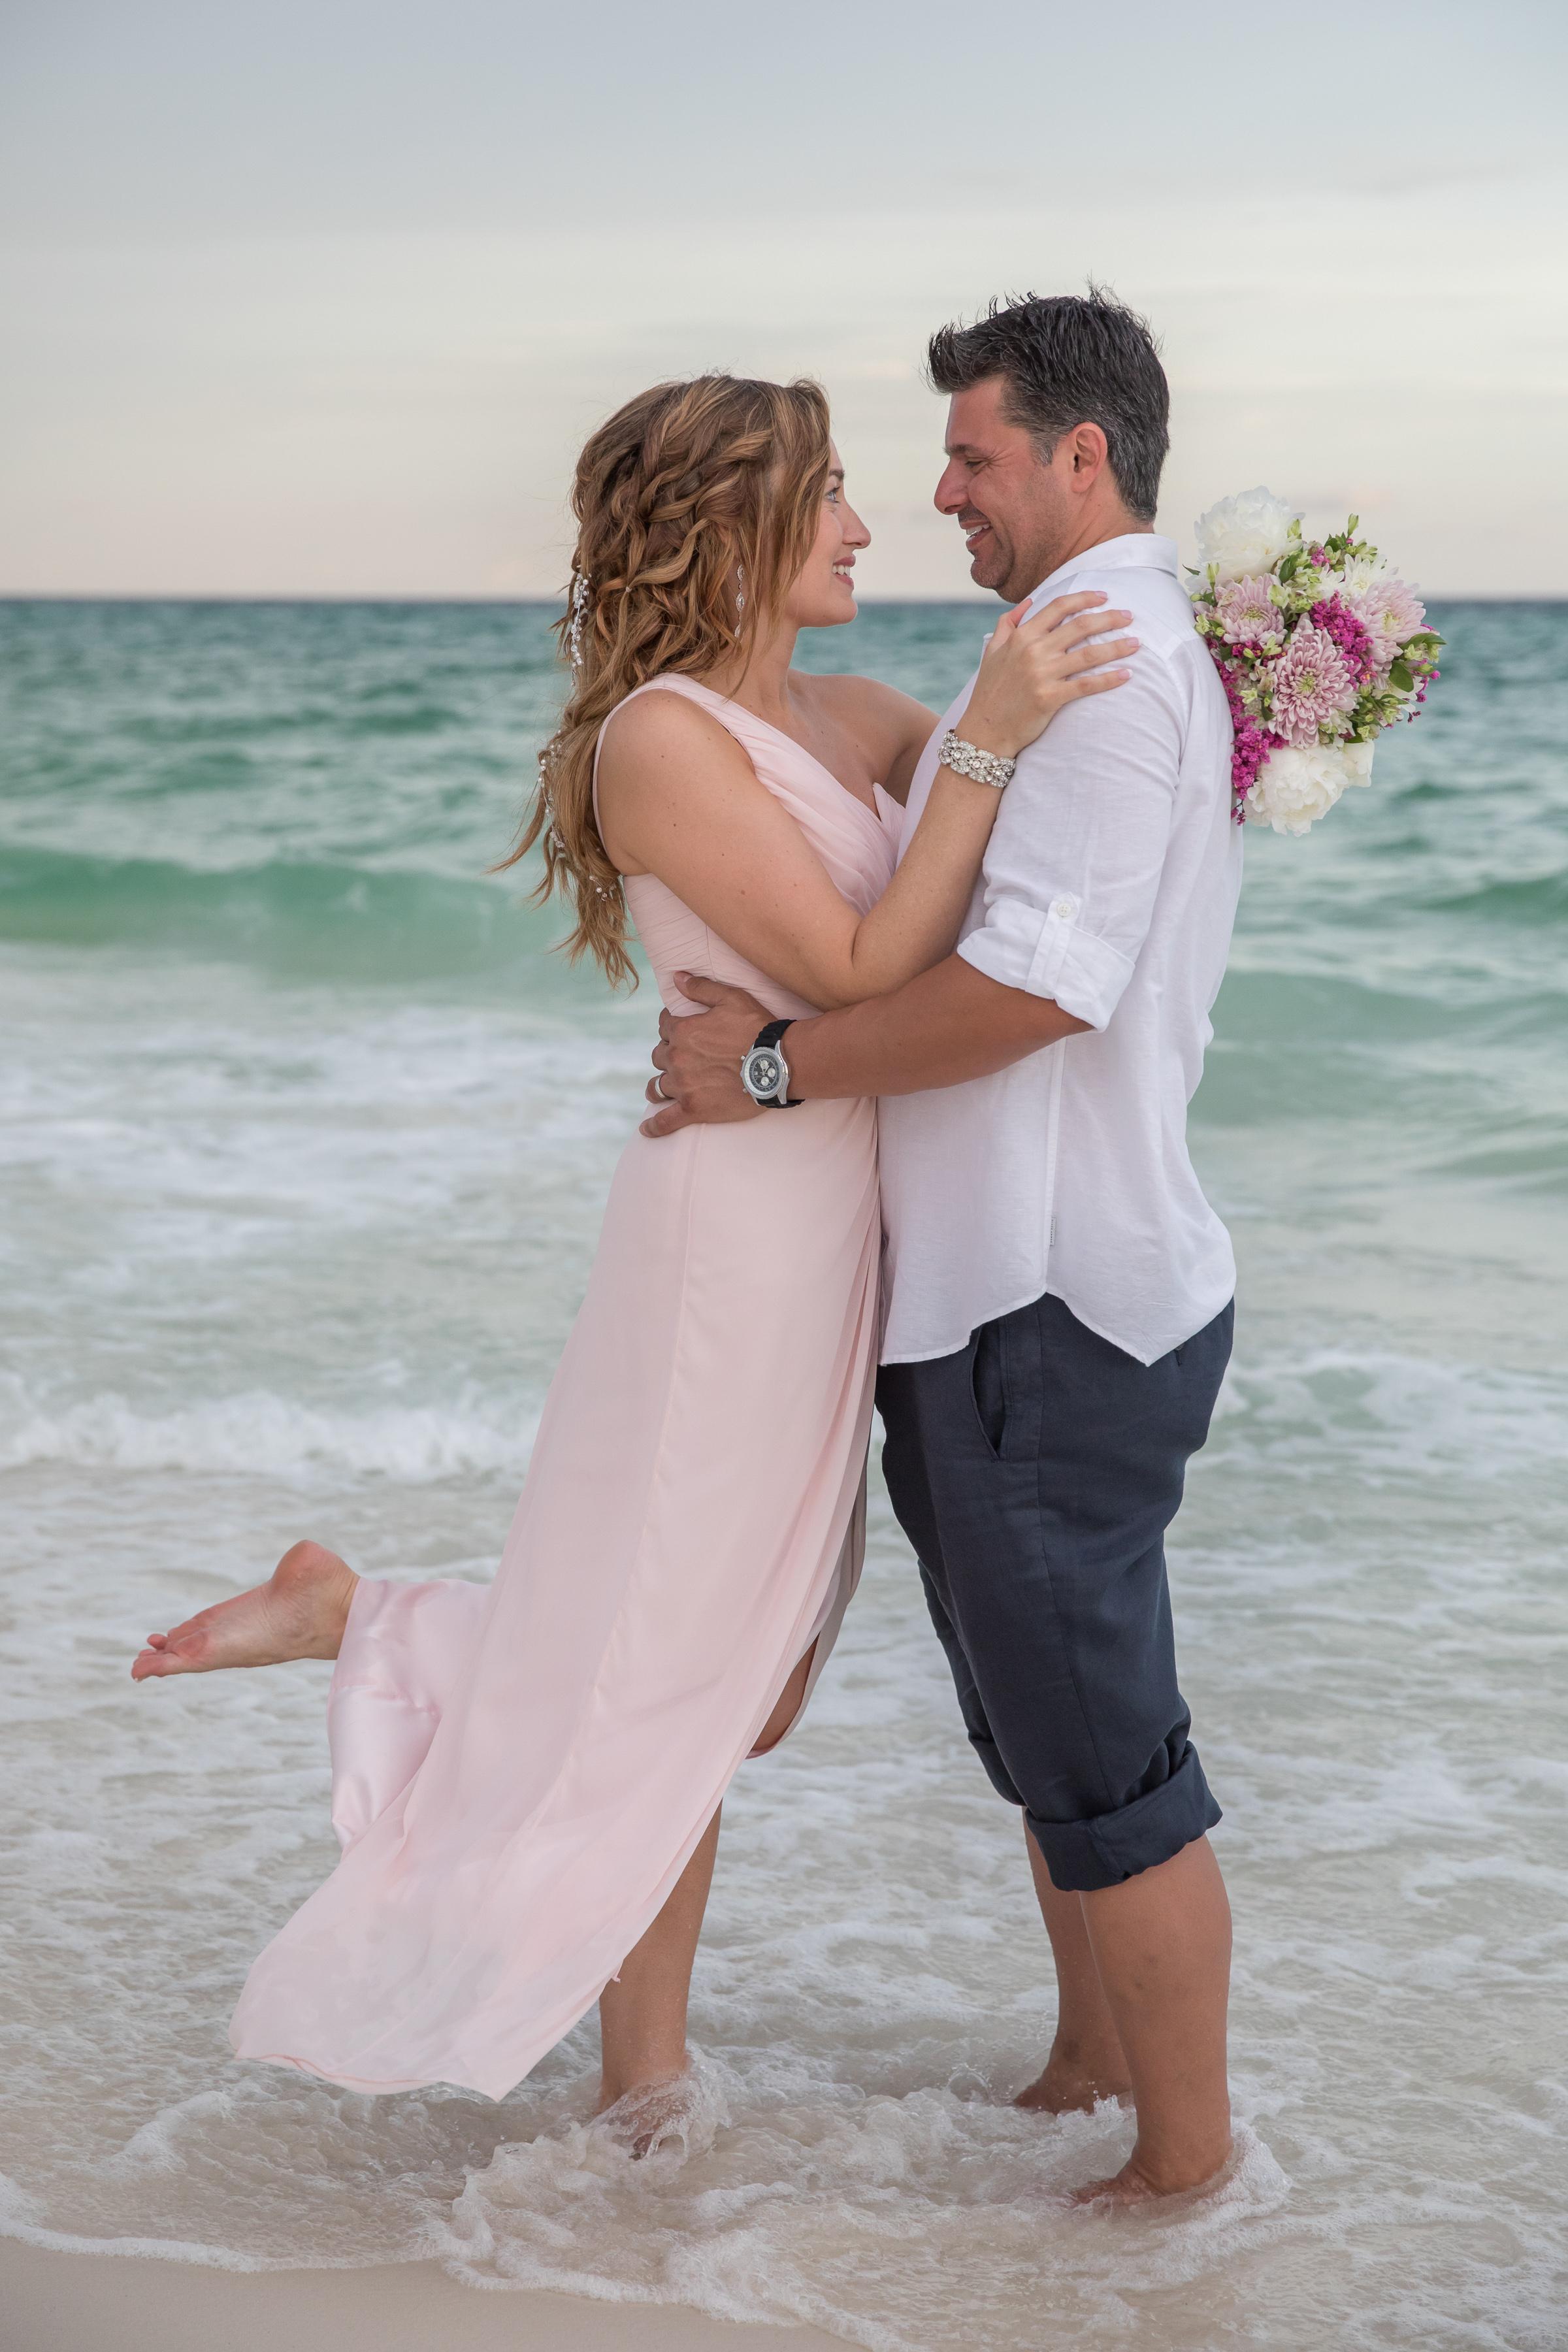 destin beach wedding package picture41_ (6).jpg